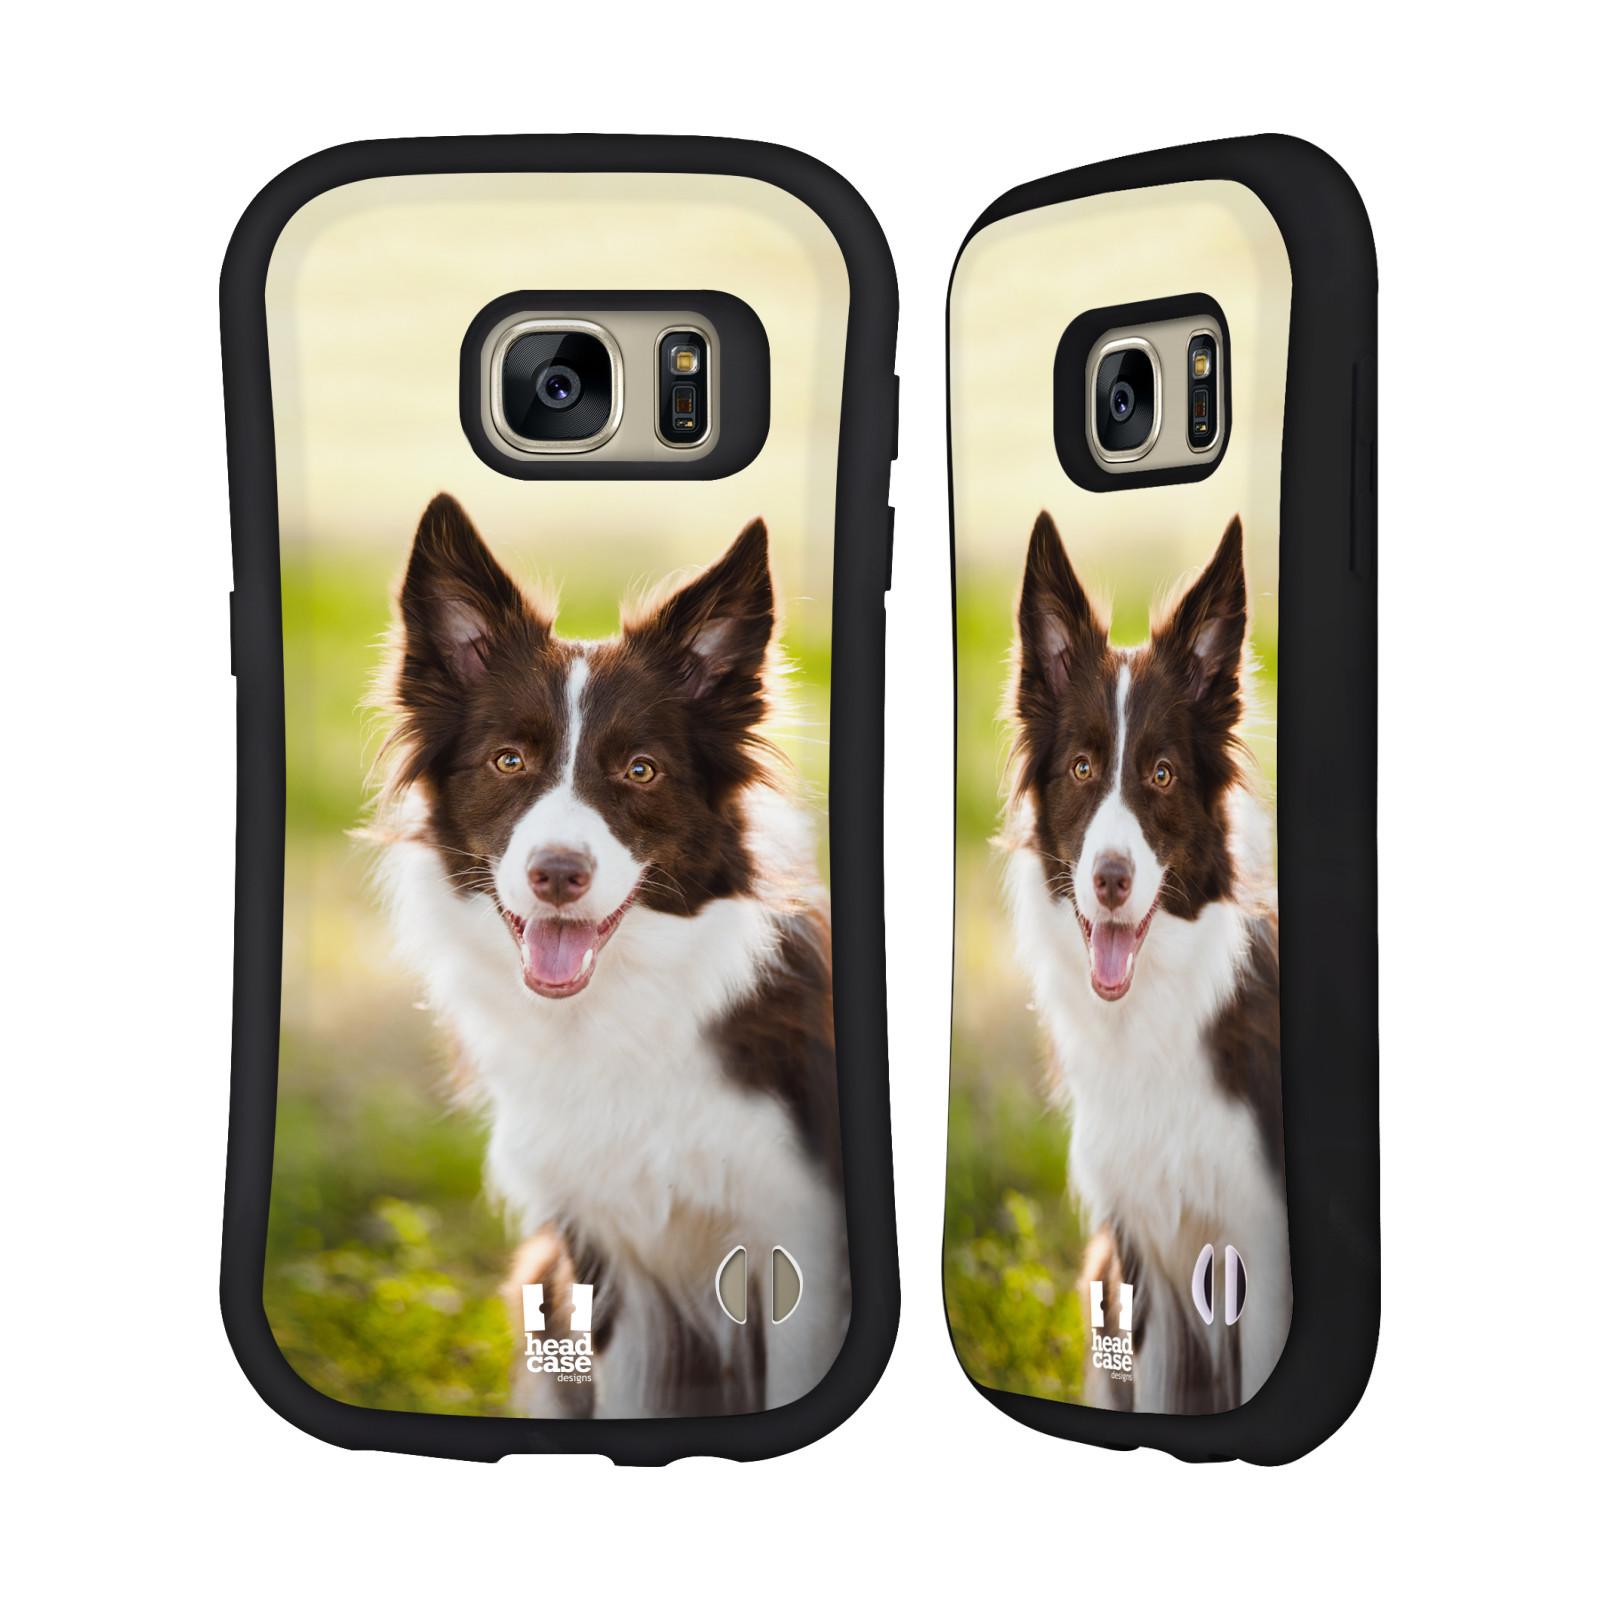 HEAD CASE DESIGNS POPULAR DOG BREEDS HYBRID CASE FOR SAMSUNG PHONES